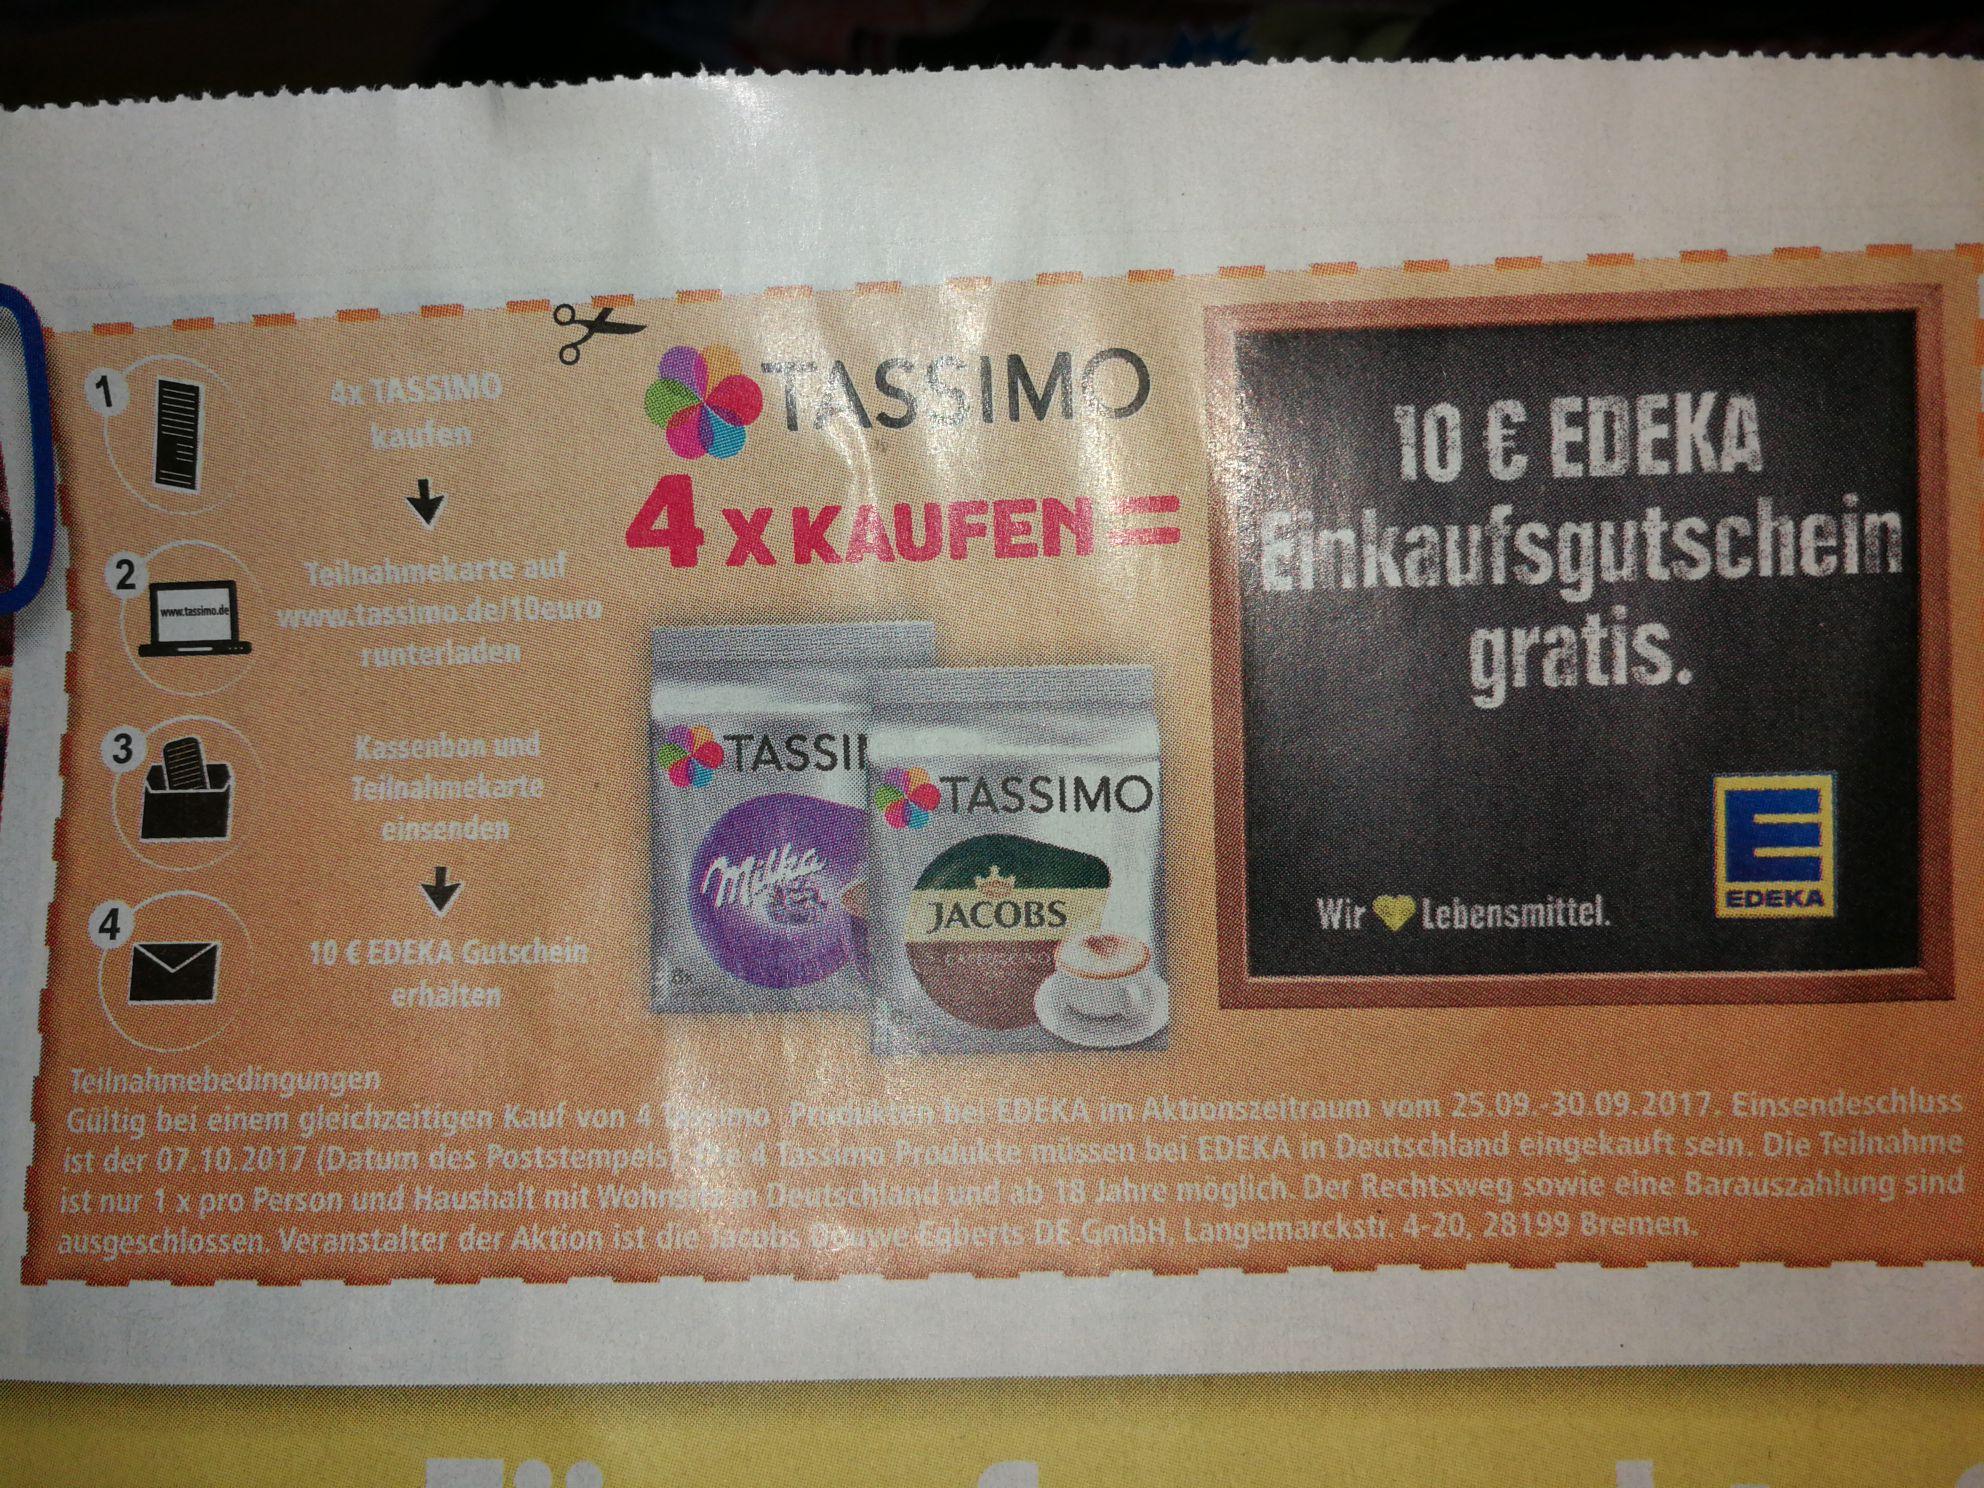 [Edeka bundesweit 25.09 bis 30.09] 4 Packungen Tassimo zu je 3,79€ kaufen und 10 Euro Edeka Gutschein erhalten (entspricht effektiv 1,46€ pro Packung)